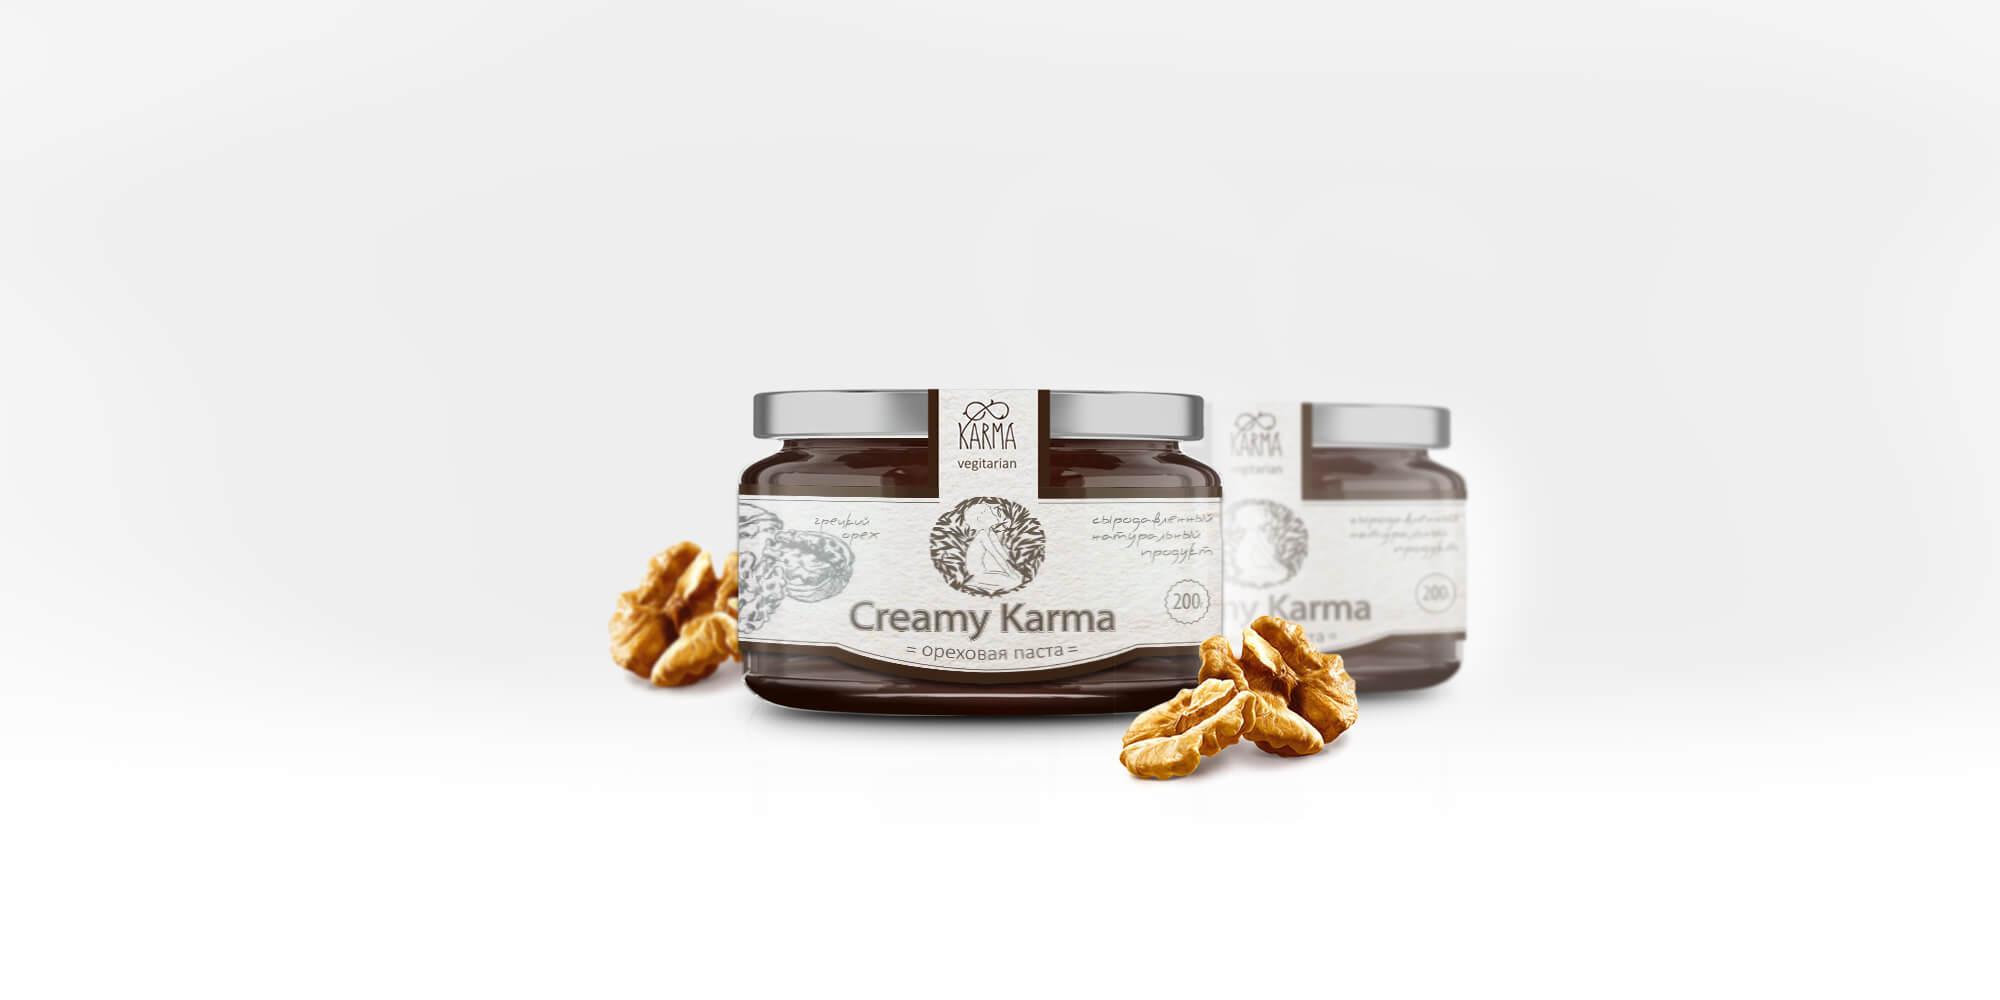 Дизайн упаковки ореховой пасты «Creamy Karma»